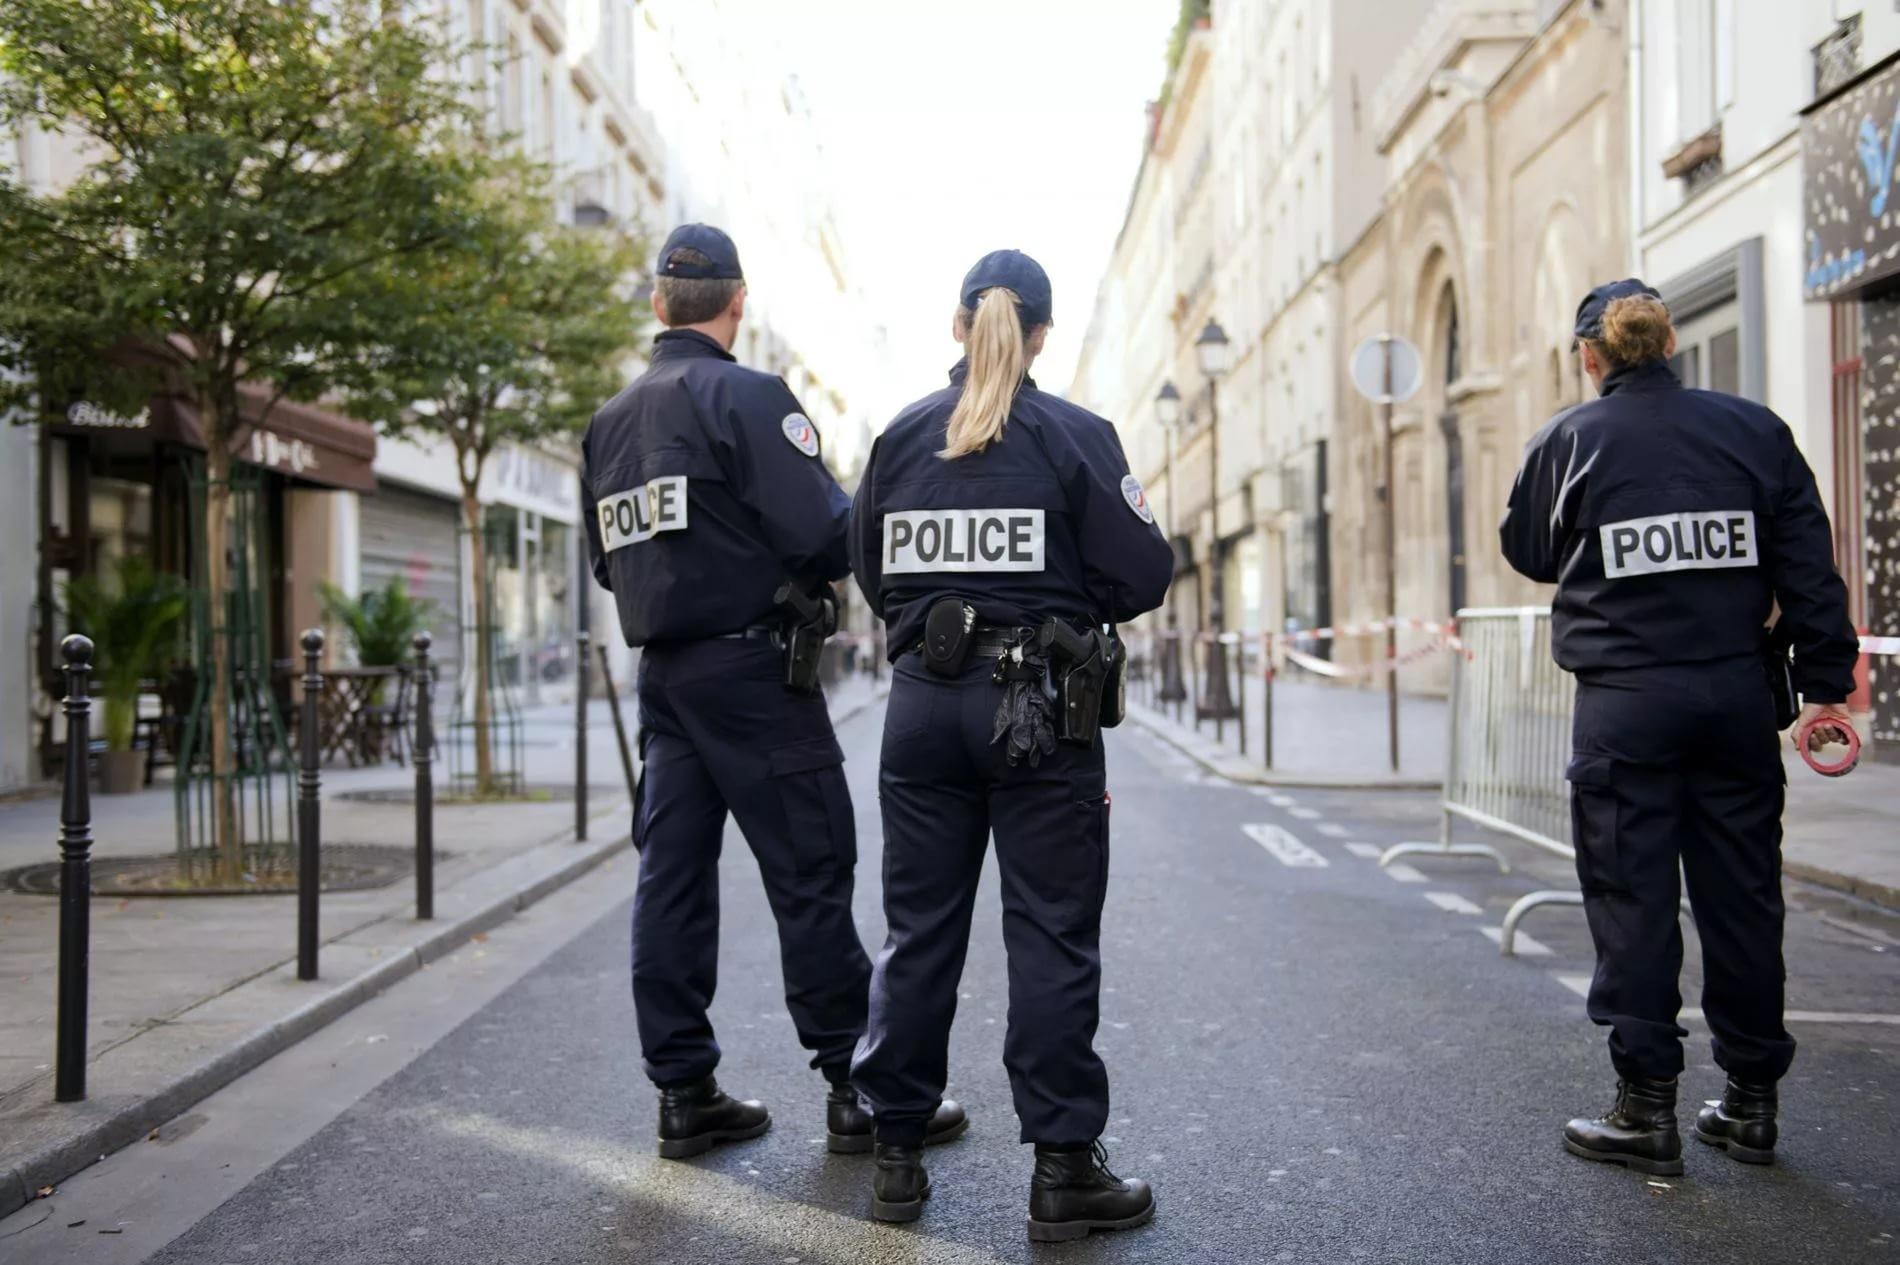 2-х  граждан России  ограбили встолице франции  на100 тыс.  евро